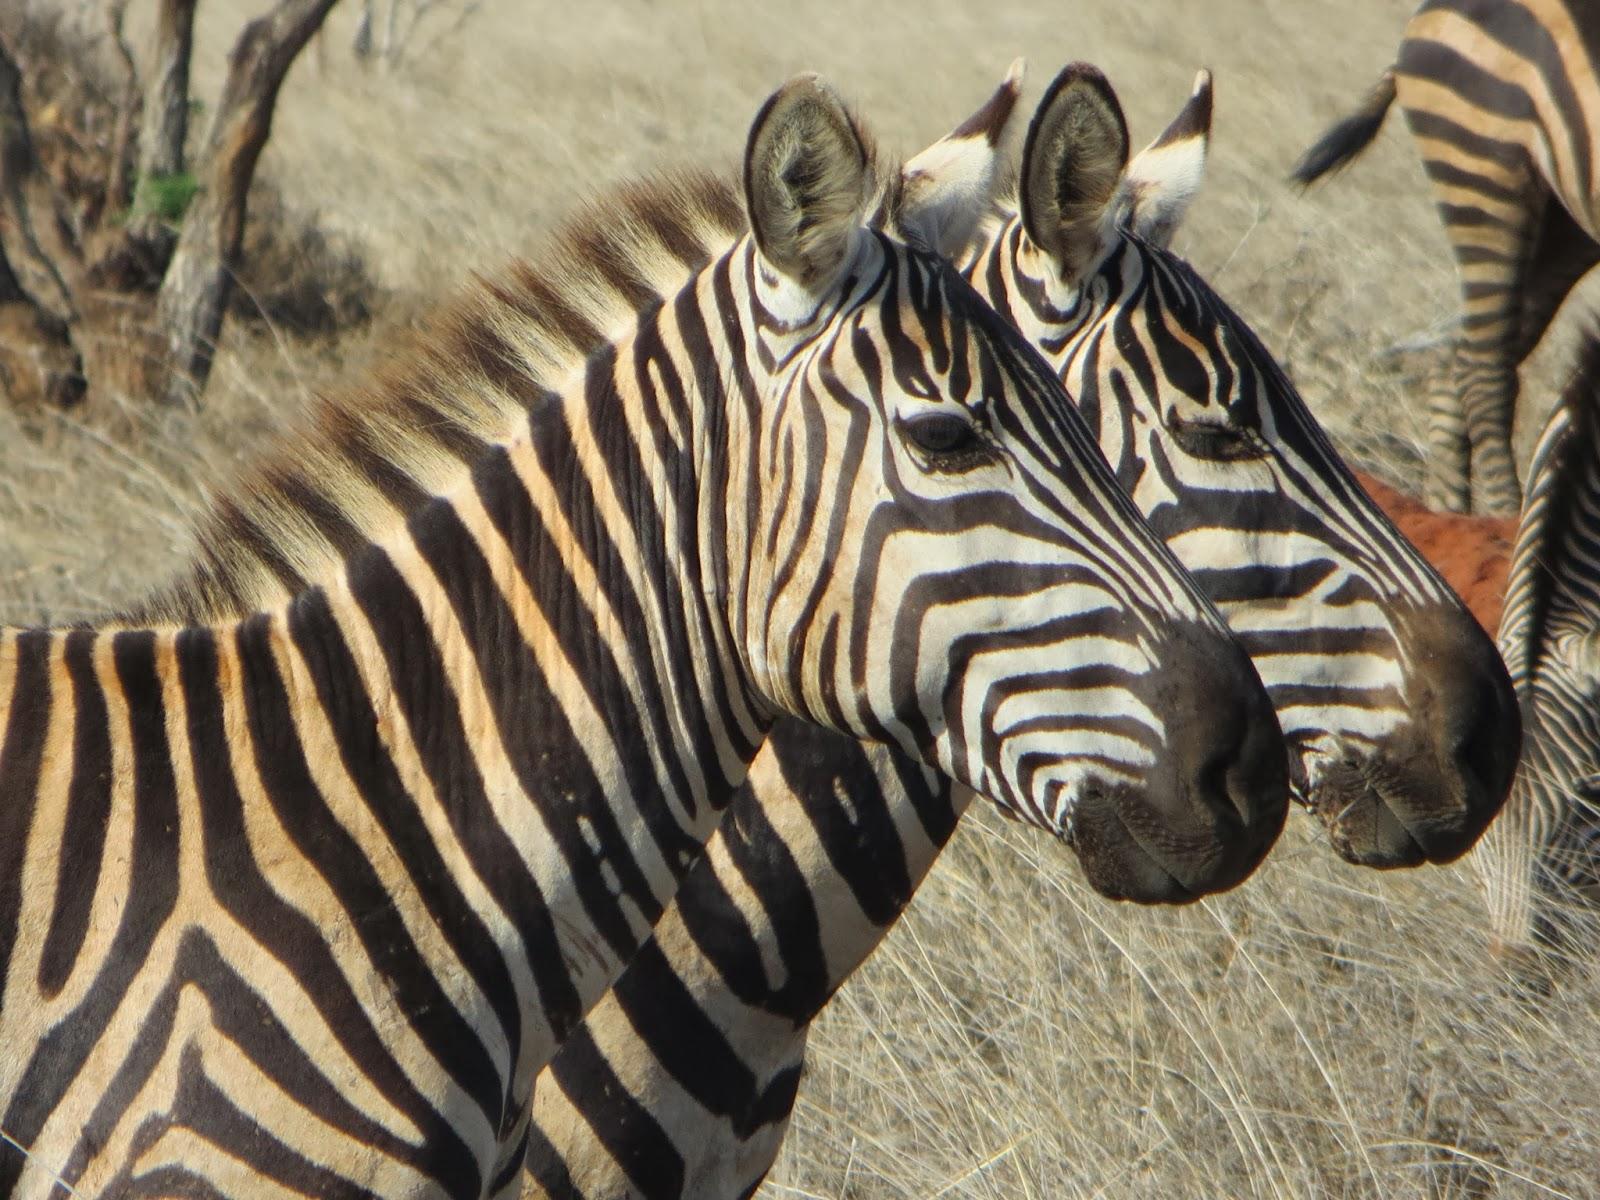 Aeroporto Kenya : Thomas tours & safaris with thomas mboya: in kenya fai da te con i